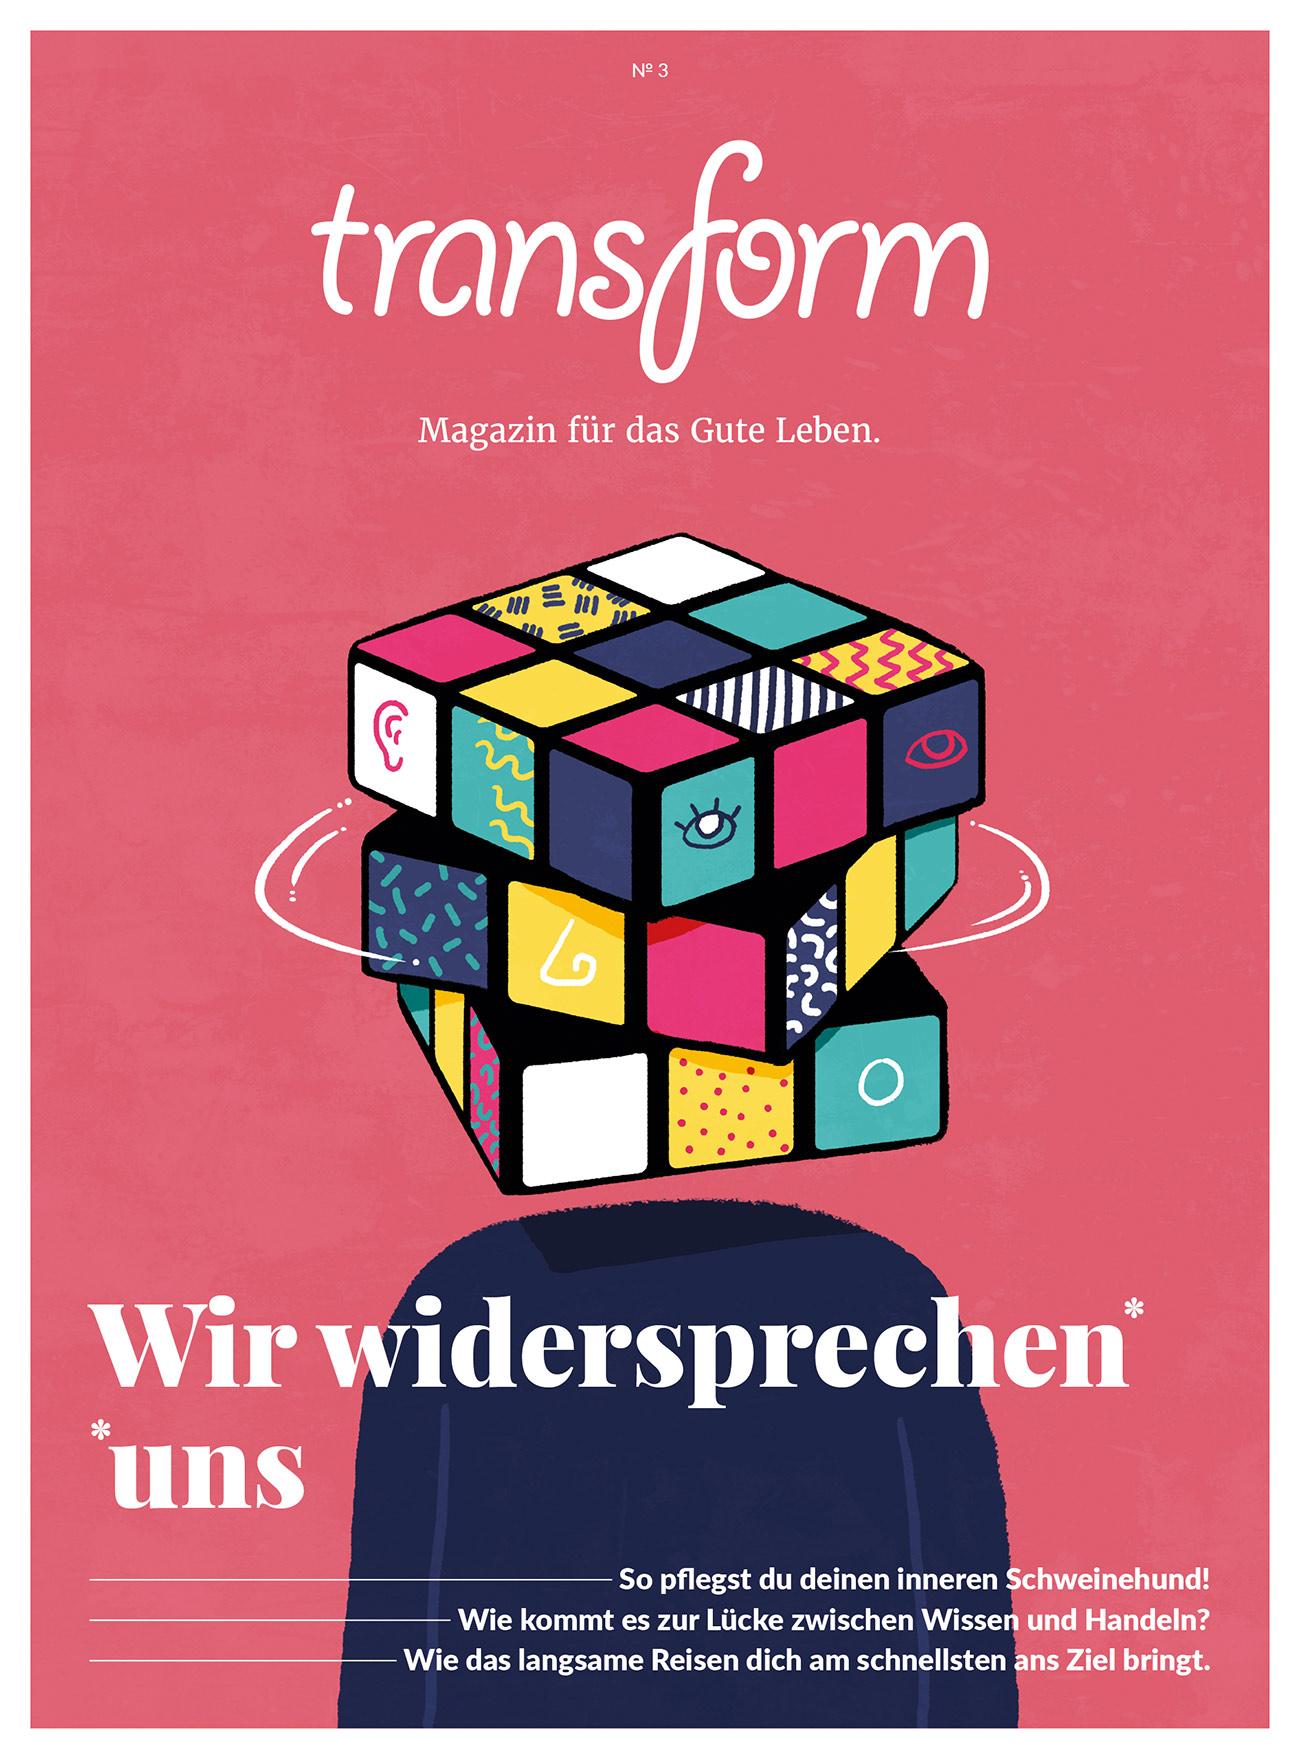 Eigentlich entwickelt Fabian Gampp hauptberuflich innovative Lernformate, aber gelegentlich illustriert er auch Magazincover. www.fabiangampp.de/